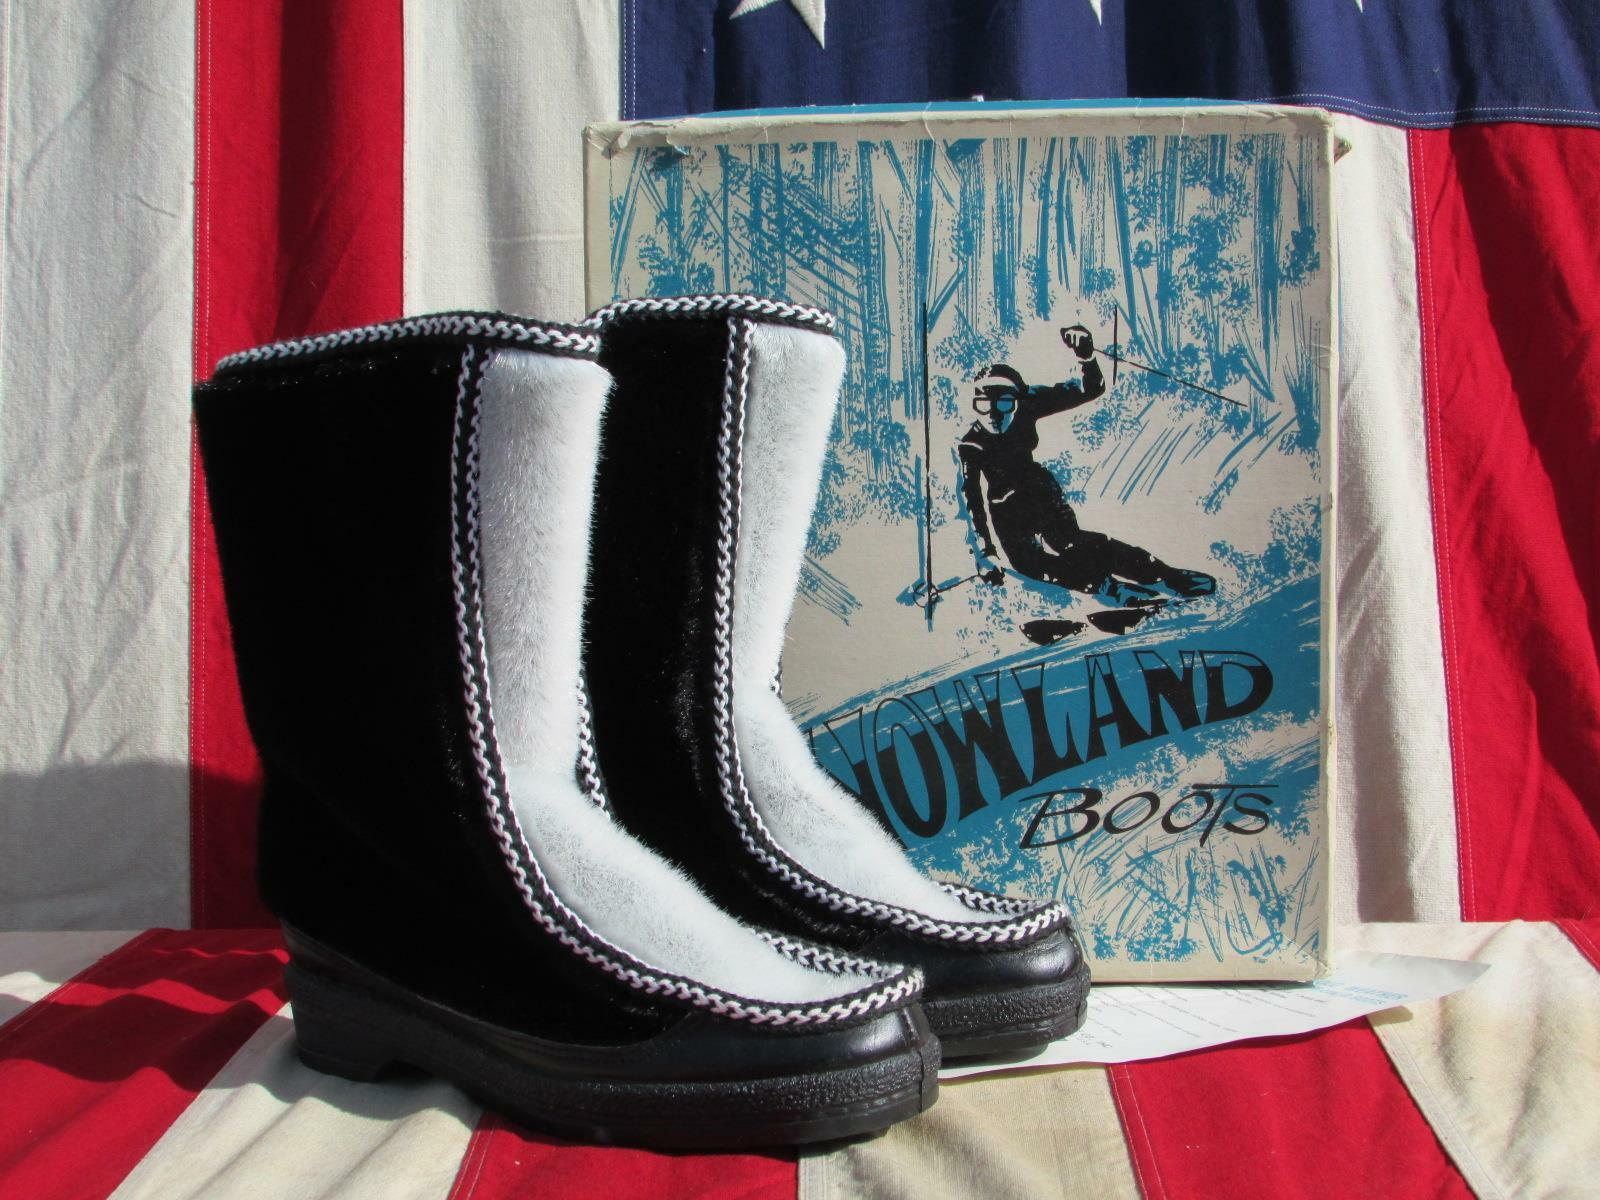 Vintage Snowland Inverno Inverno Inverno Ski Lodge botas Nos W Box Sz.7 Robert zapatos Co. Nh  barato en alta calidad